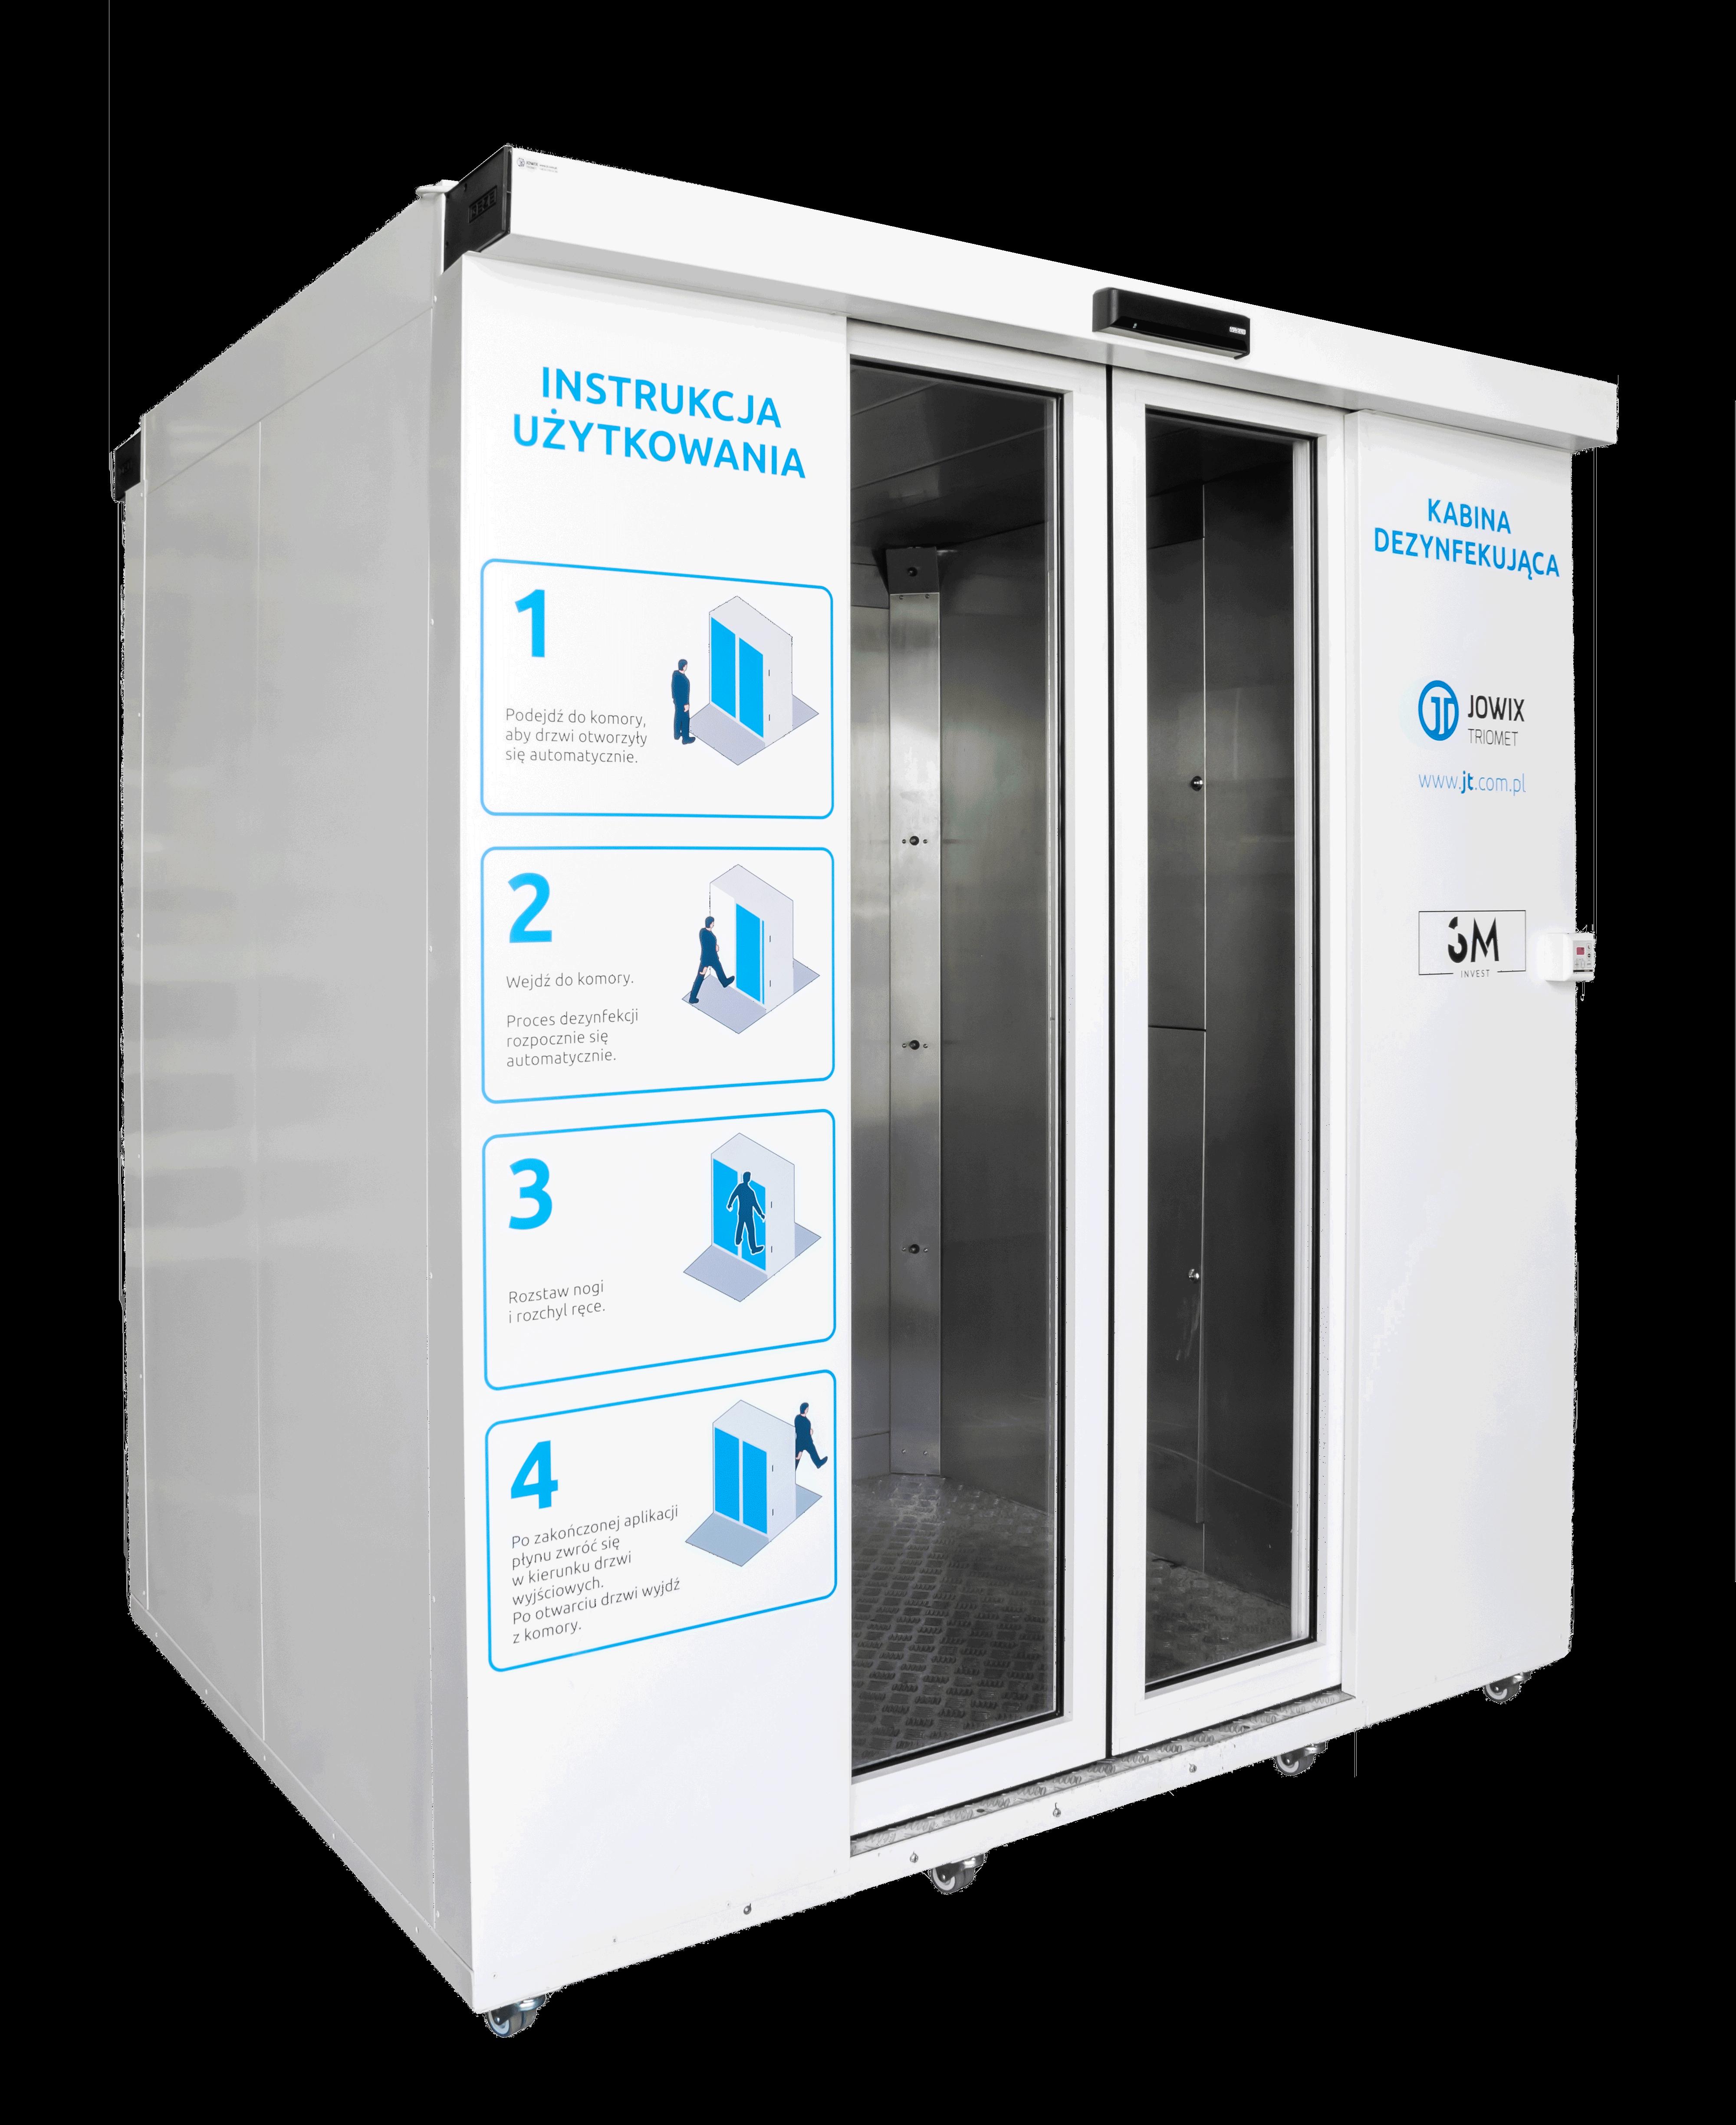 Automatyczna, mobilna kabina dezynfekująca EPIDEMIC 1